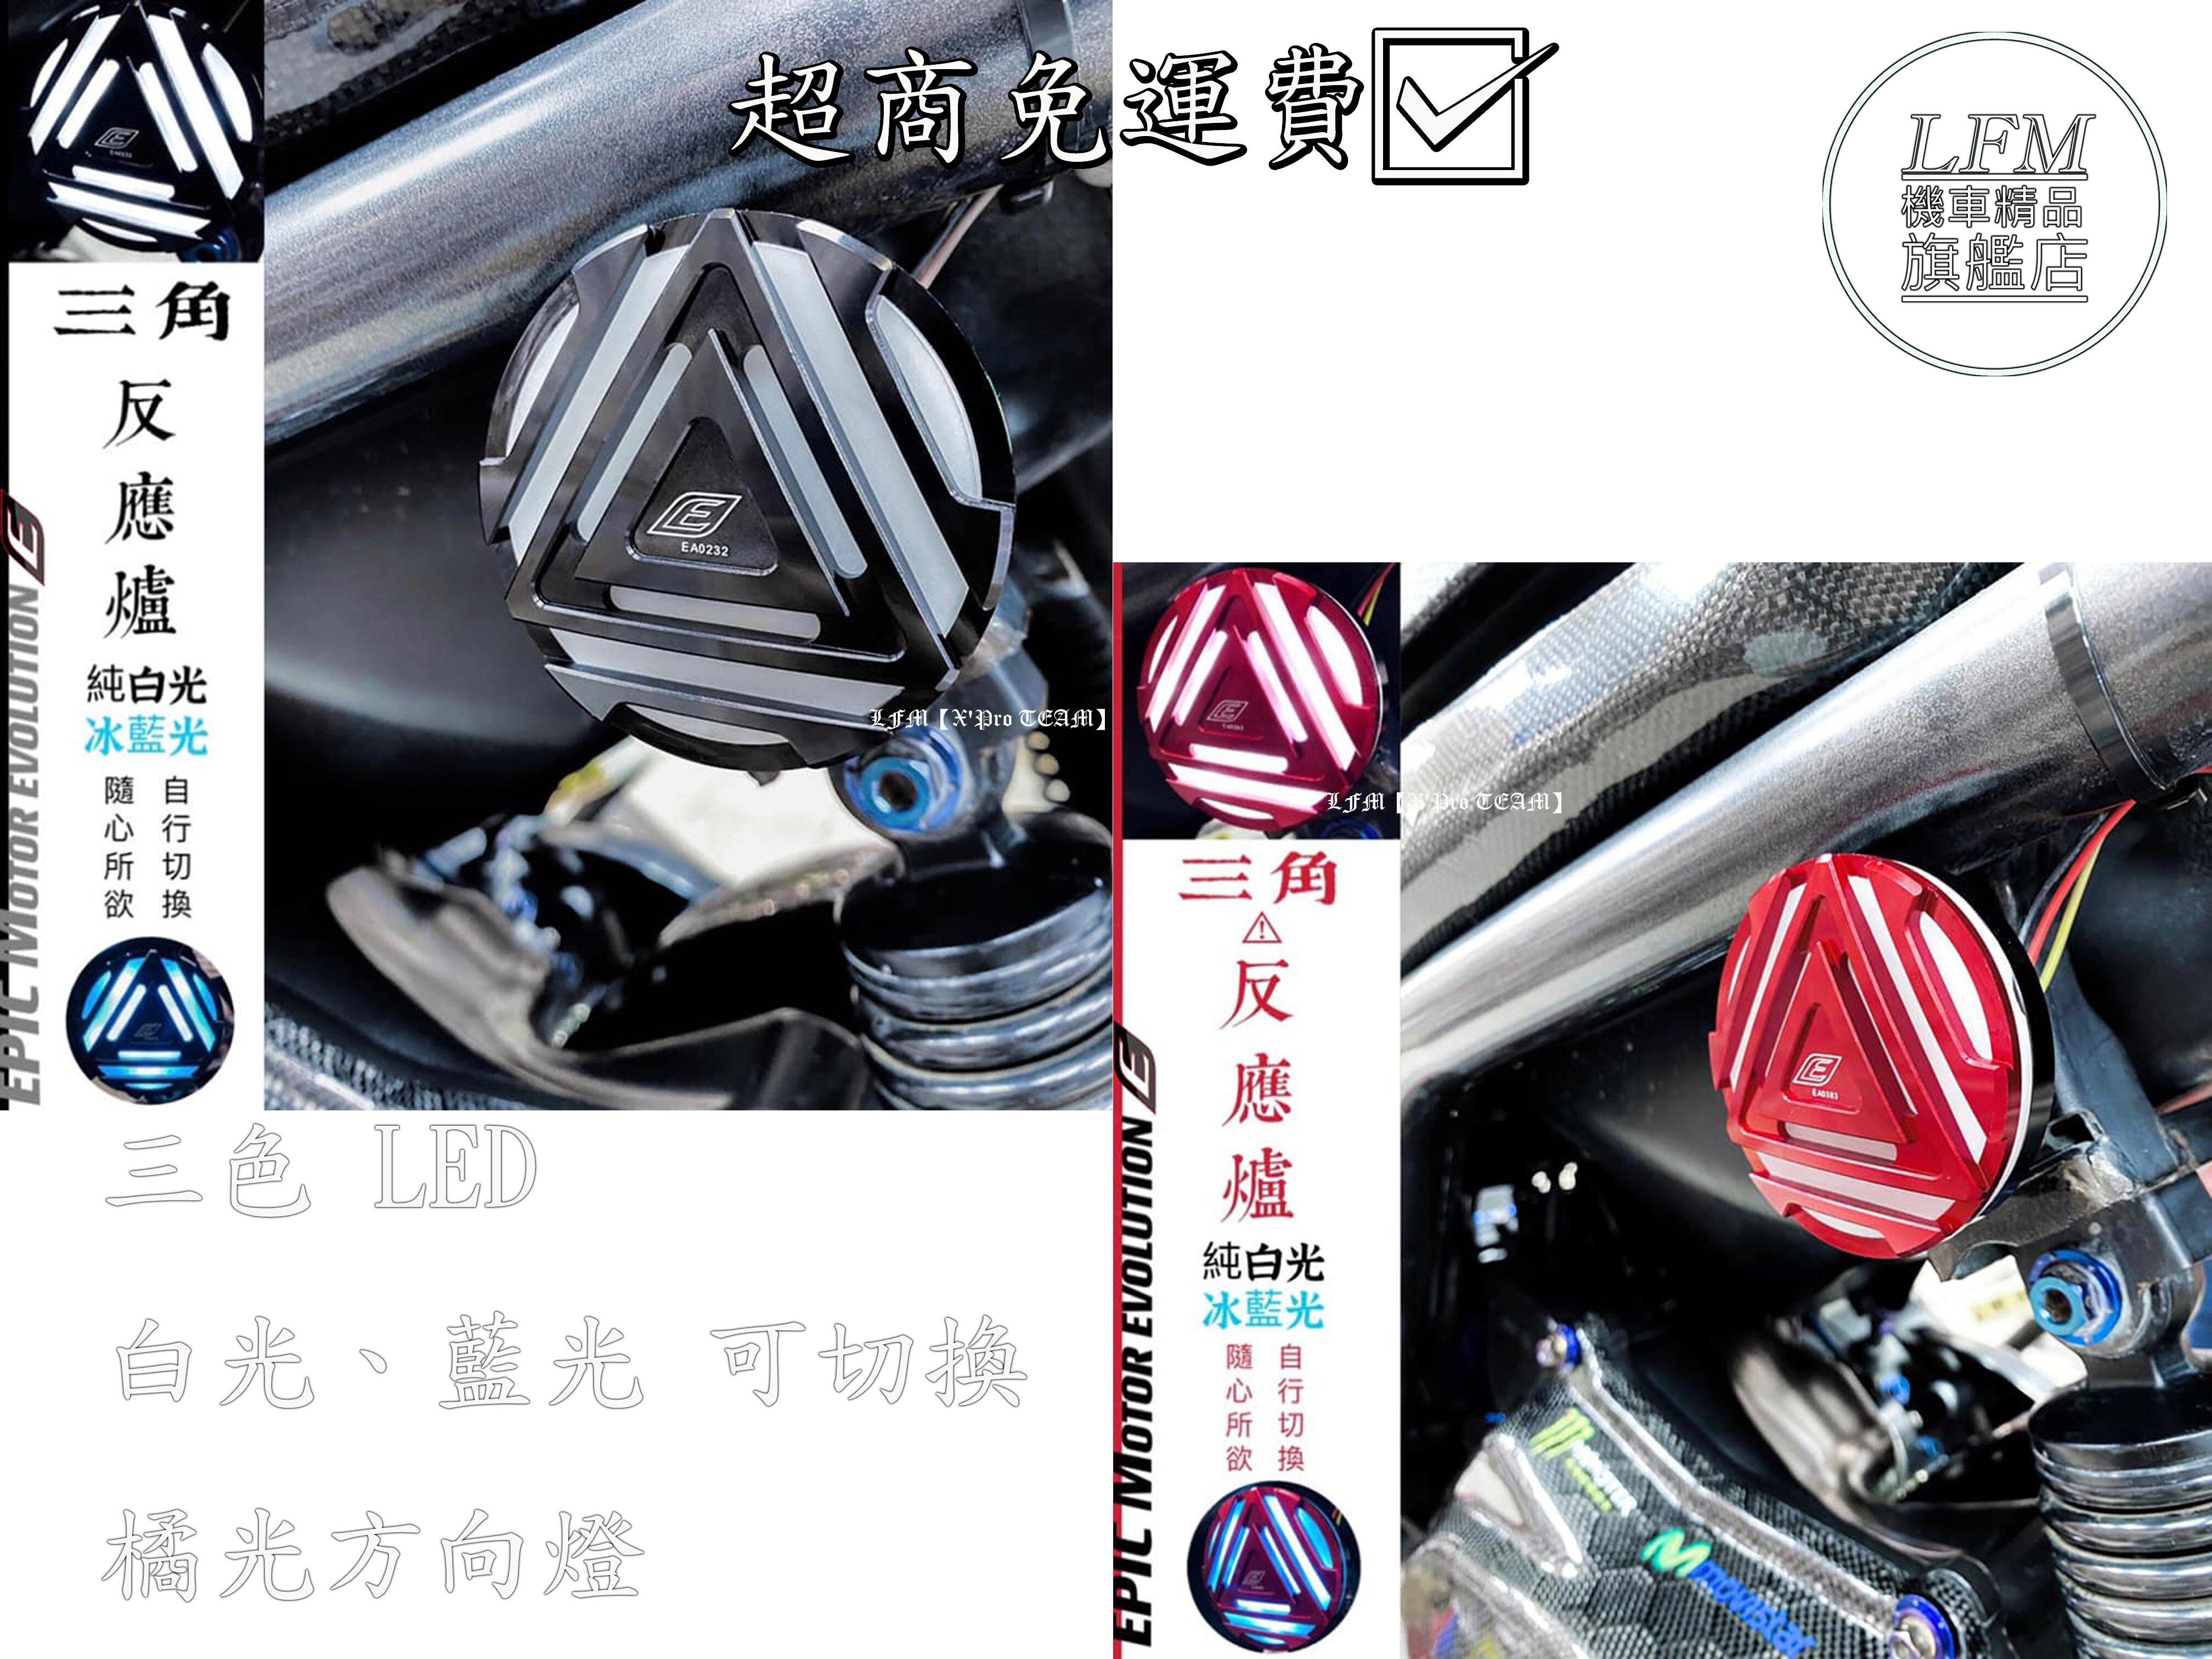 【LFM】EPIC LED 三角反應爐 反光片 勁戰六代 勁戰五代 勁戰四代 FORCE BWS XMAX 焚化爐